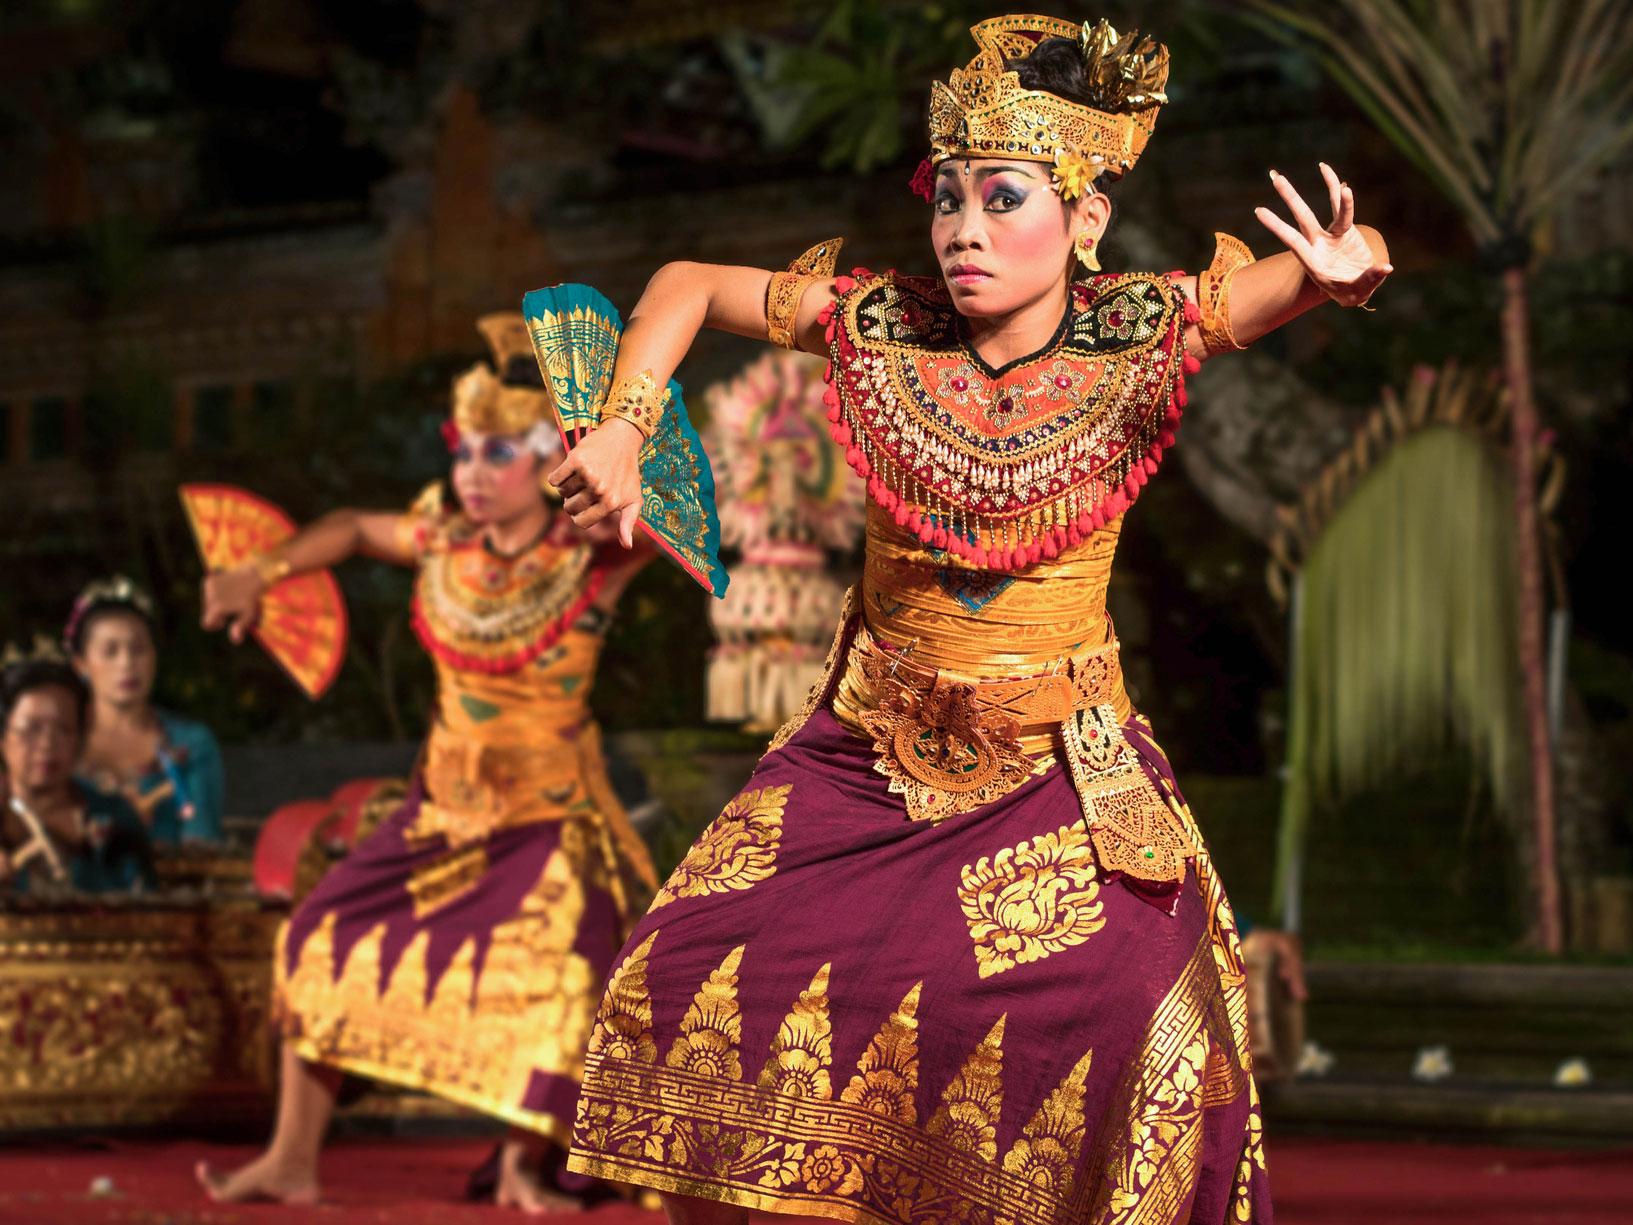 indonesia8